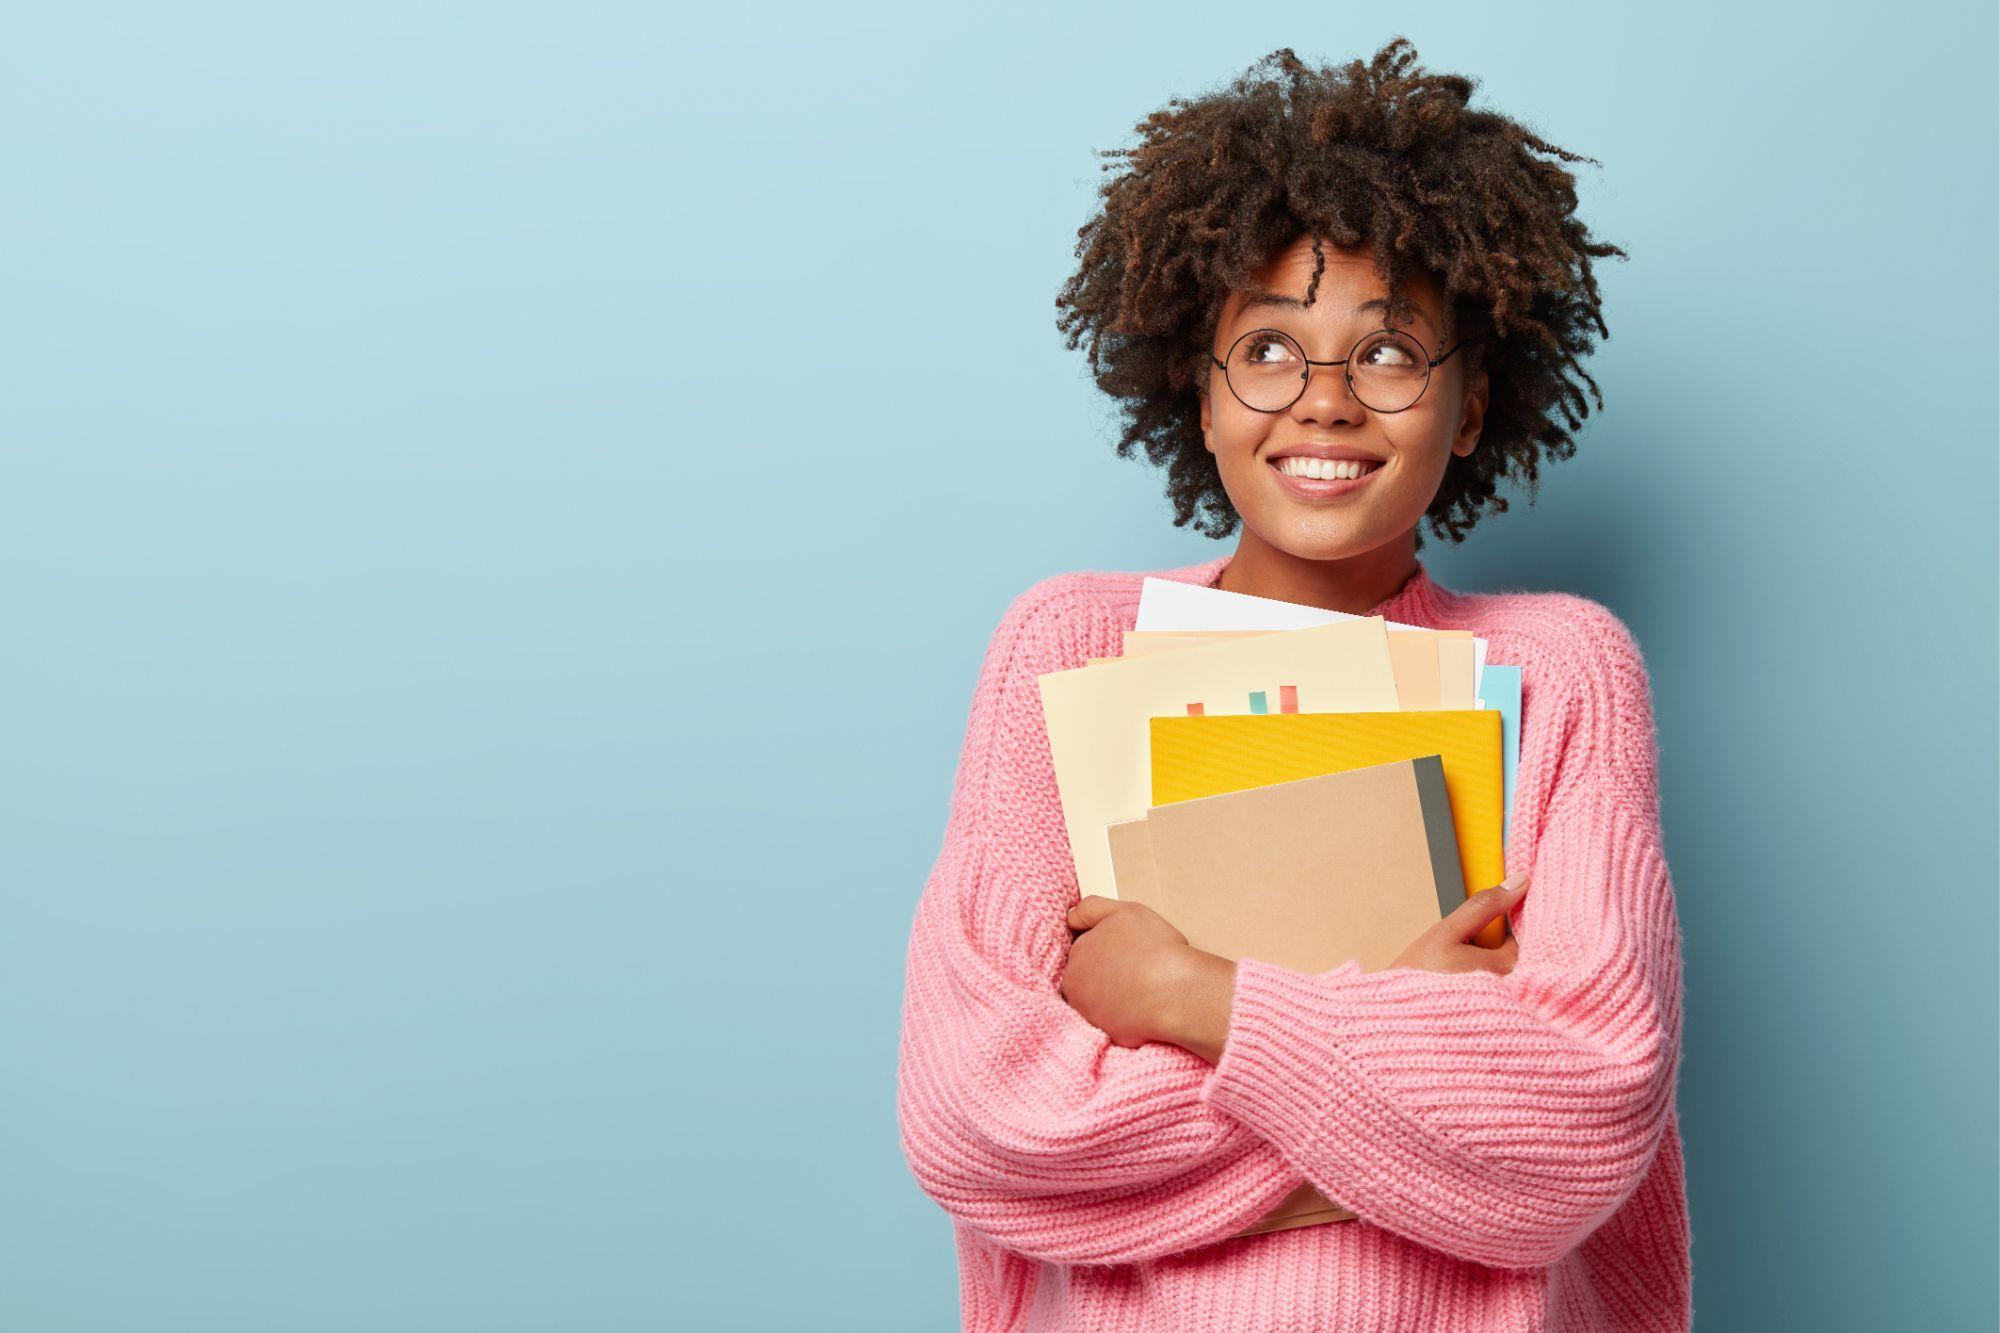 Tumult Studievaardigheden - voor lekkere mentorlessen